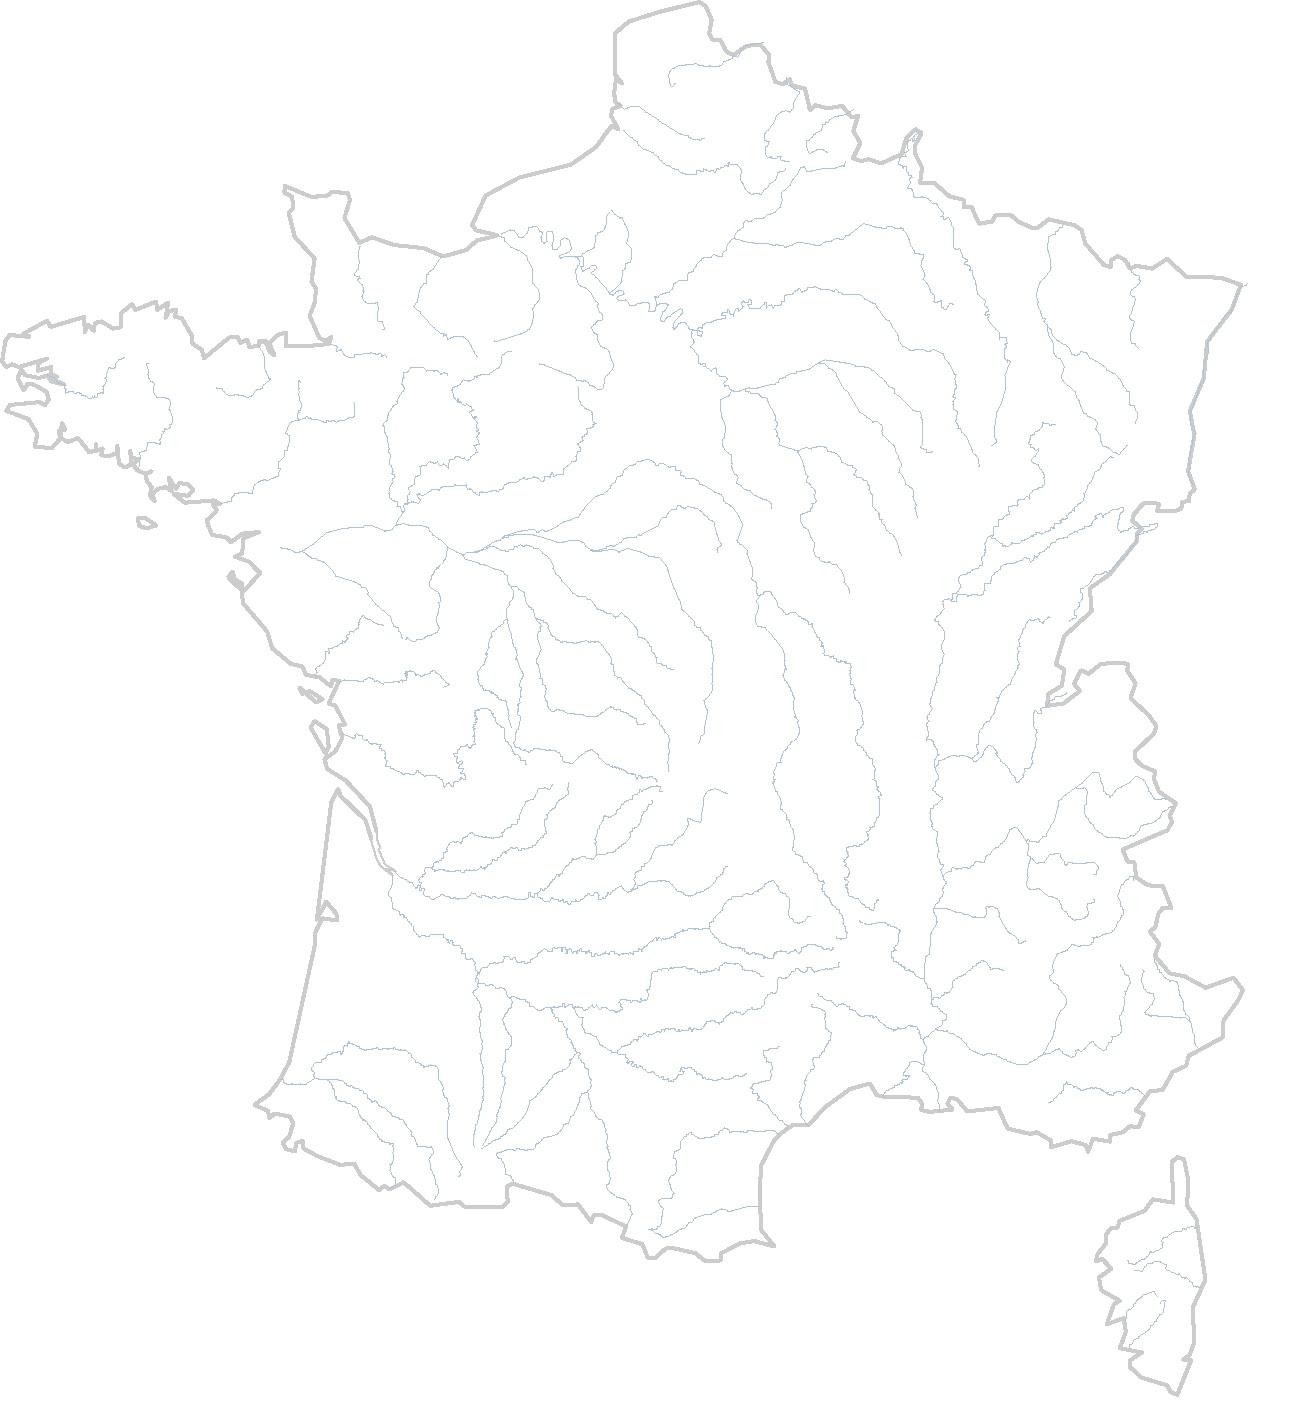 Cartes Muettes De La France À Imprimer - Chroniques concernant Carte Des Régions Et Départements De France À Imprimer